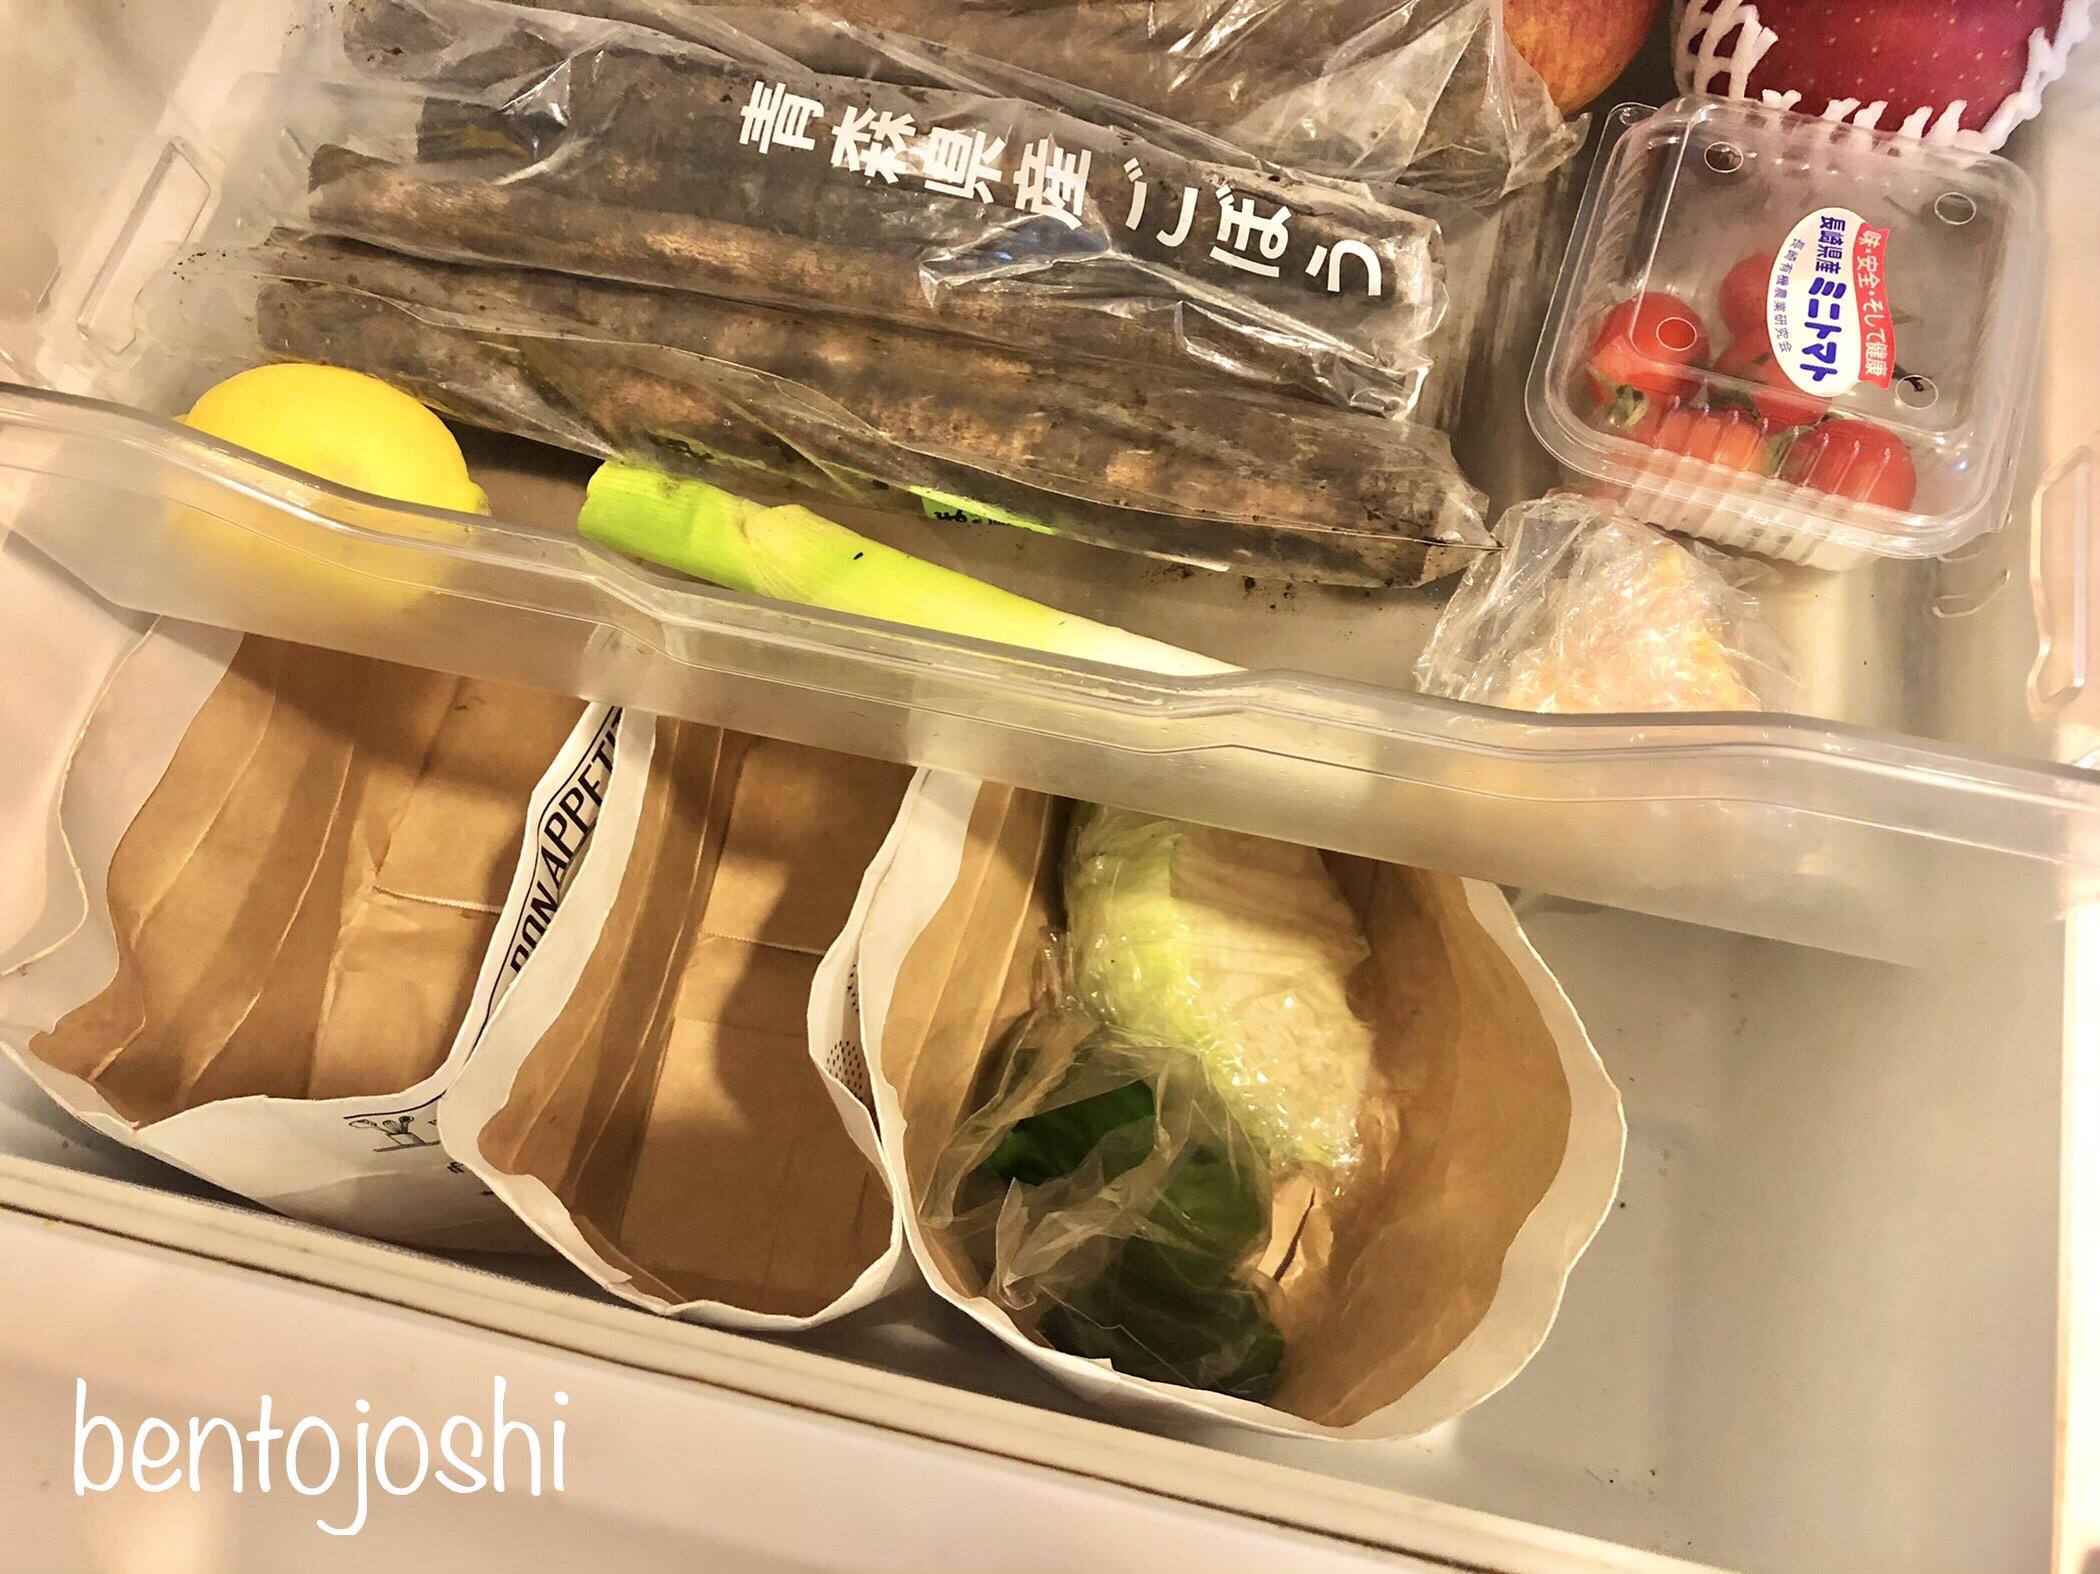 冷蔵庫野菜室